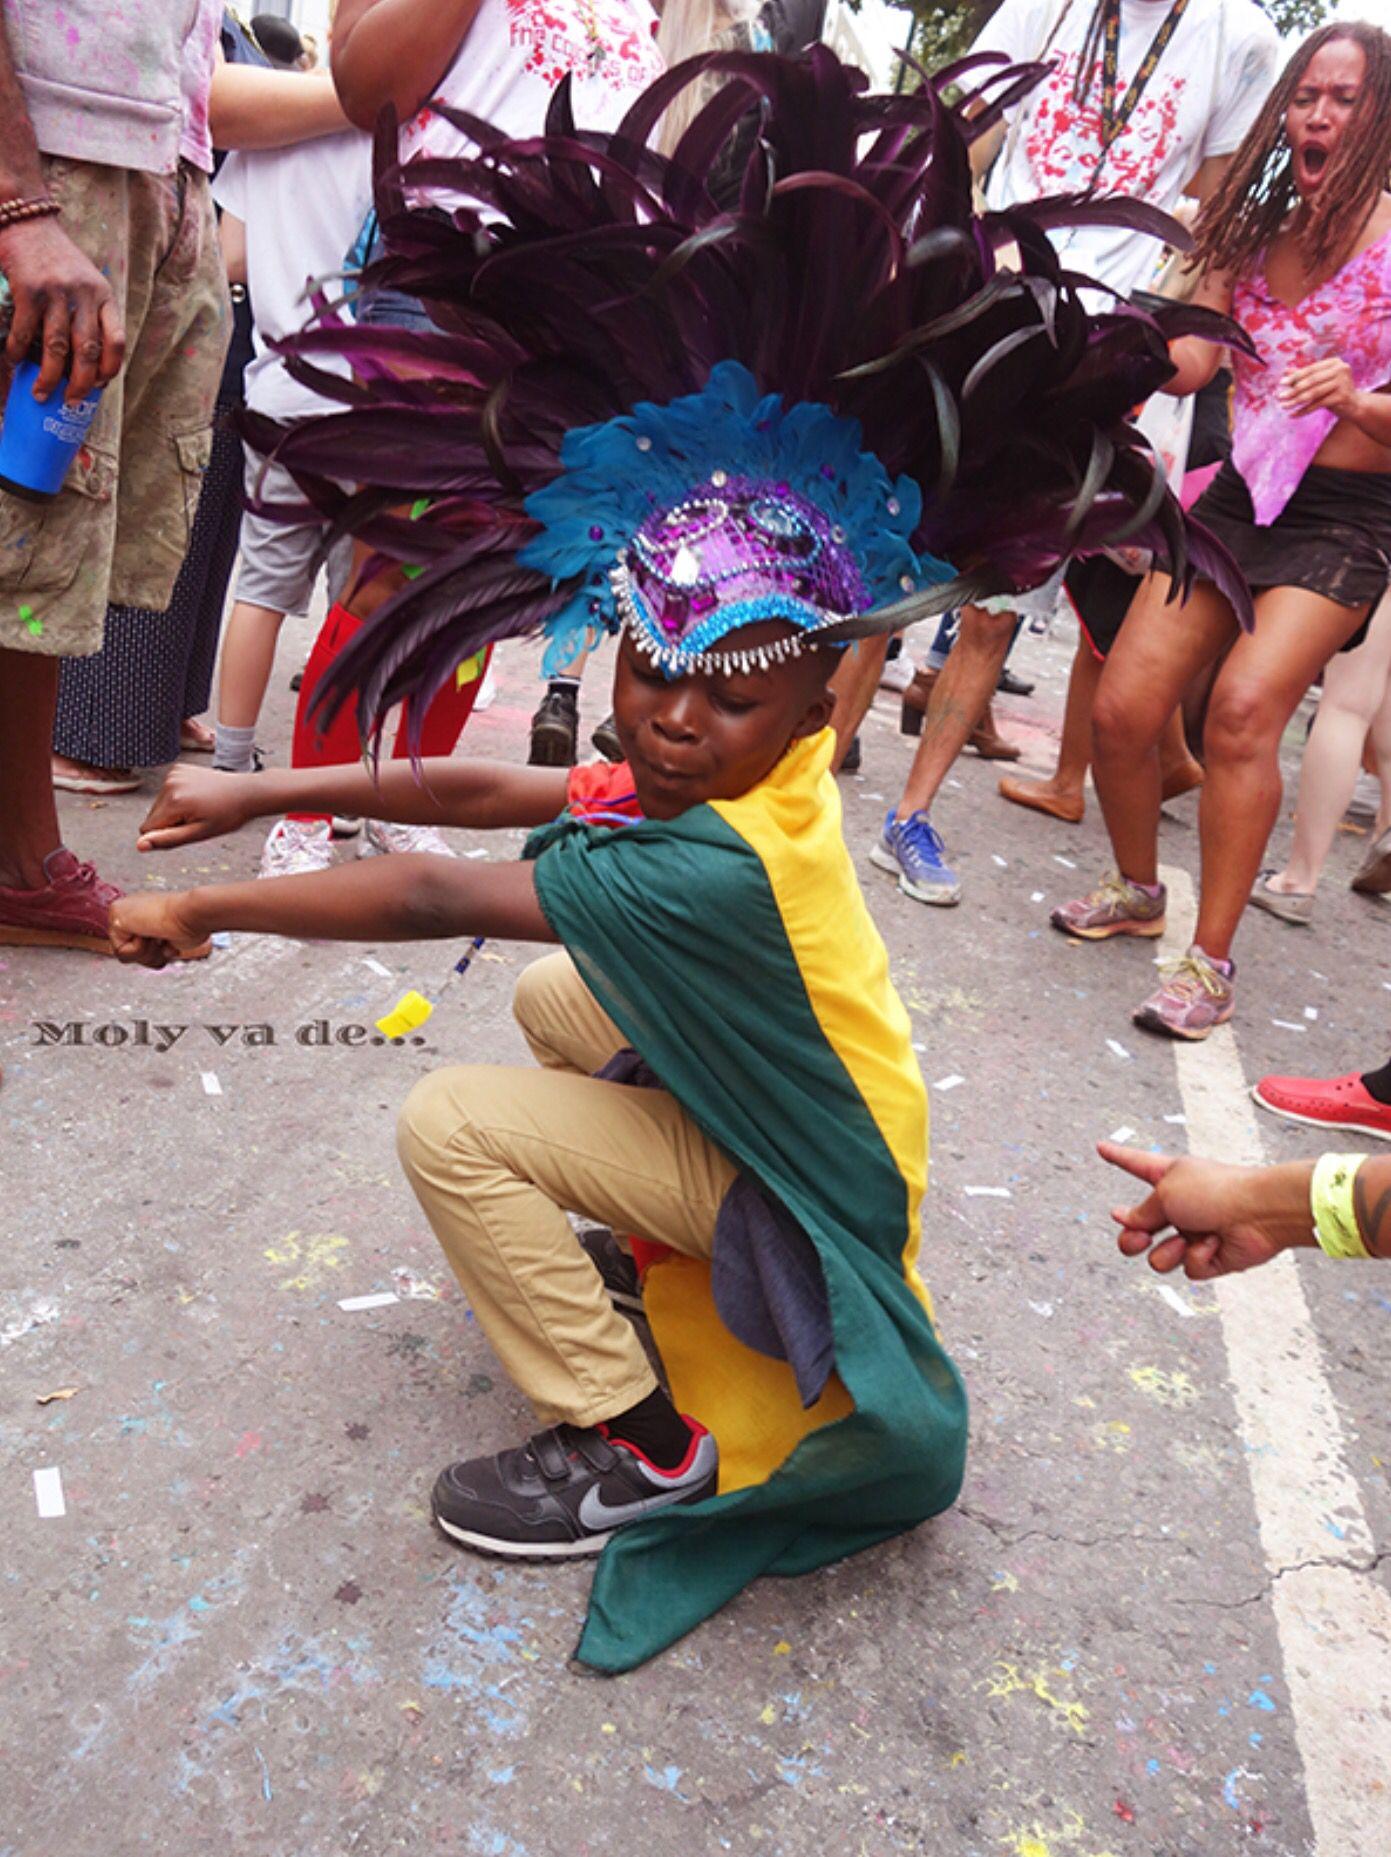 ¡Y los ritmos continúan! #Molyvade...#viaje #London #Carnaval #NottingHill molyvade.blogspot.com